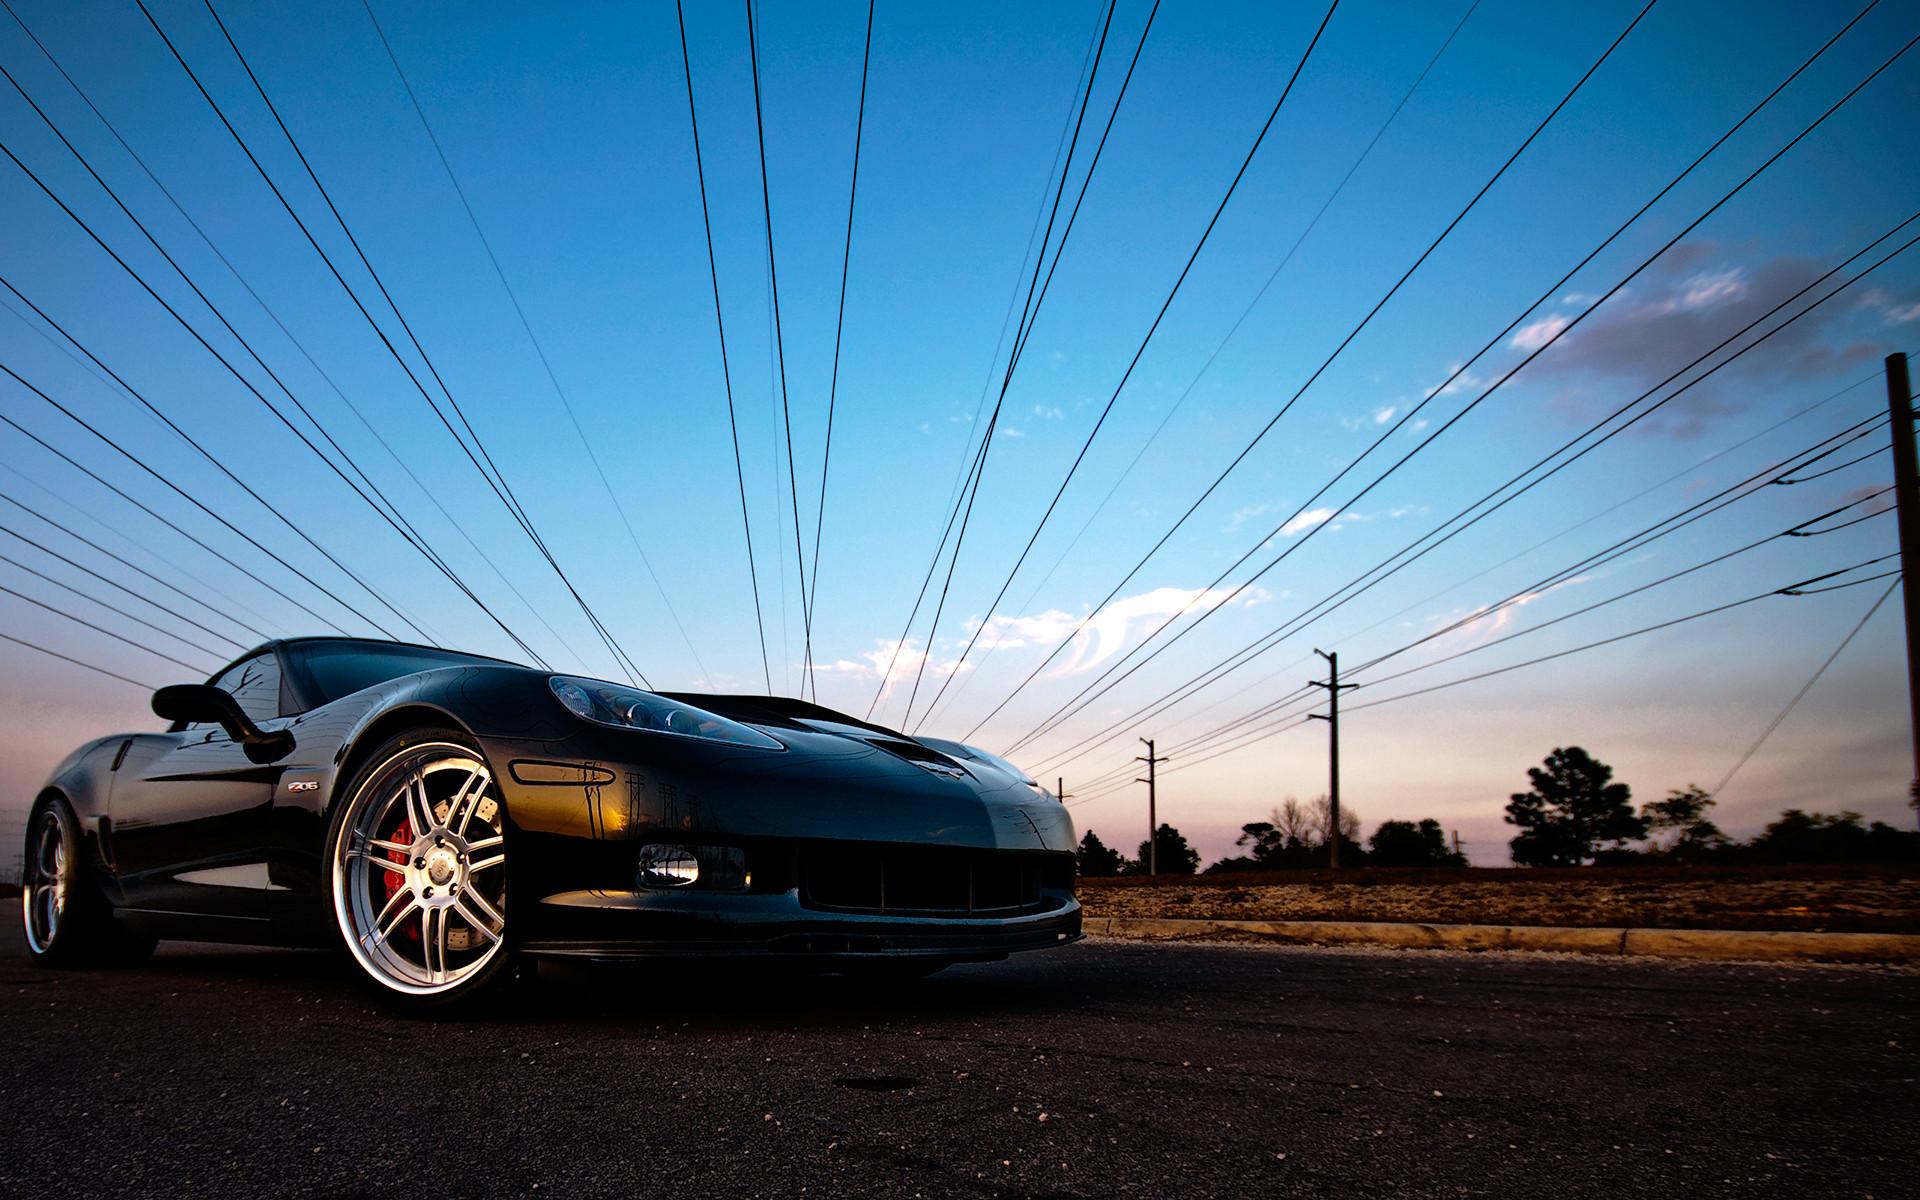 Supercar Wallpaper Hd 67 Images